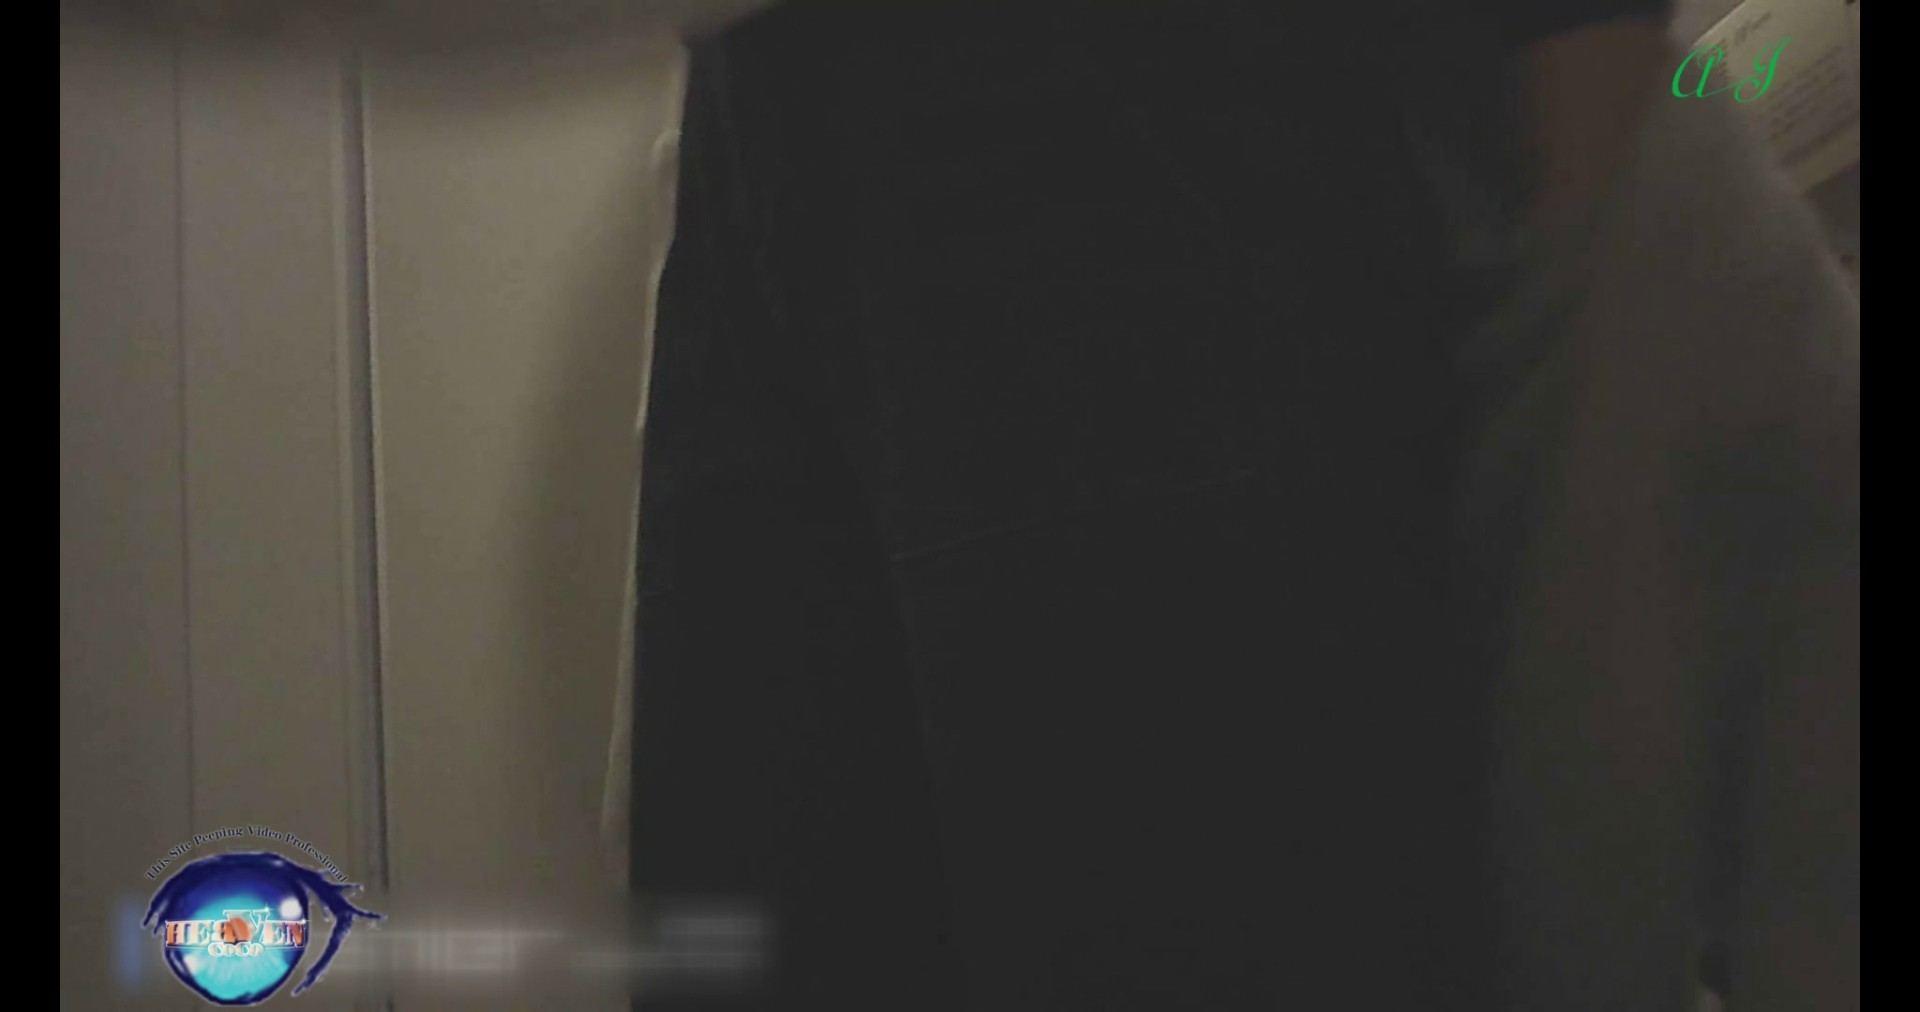 【某有名大学女性洗面所】有名大学女性洗面所 vol.74 前編 美しいOLの裸体 オメコ無修正動画無料 77pic 66